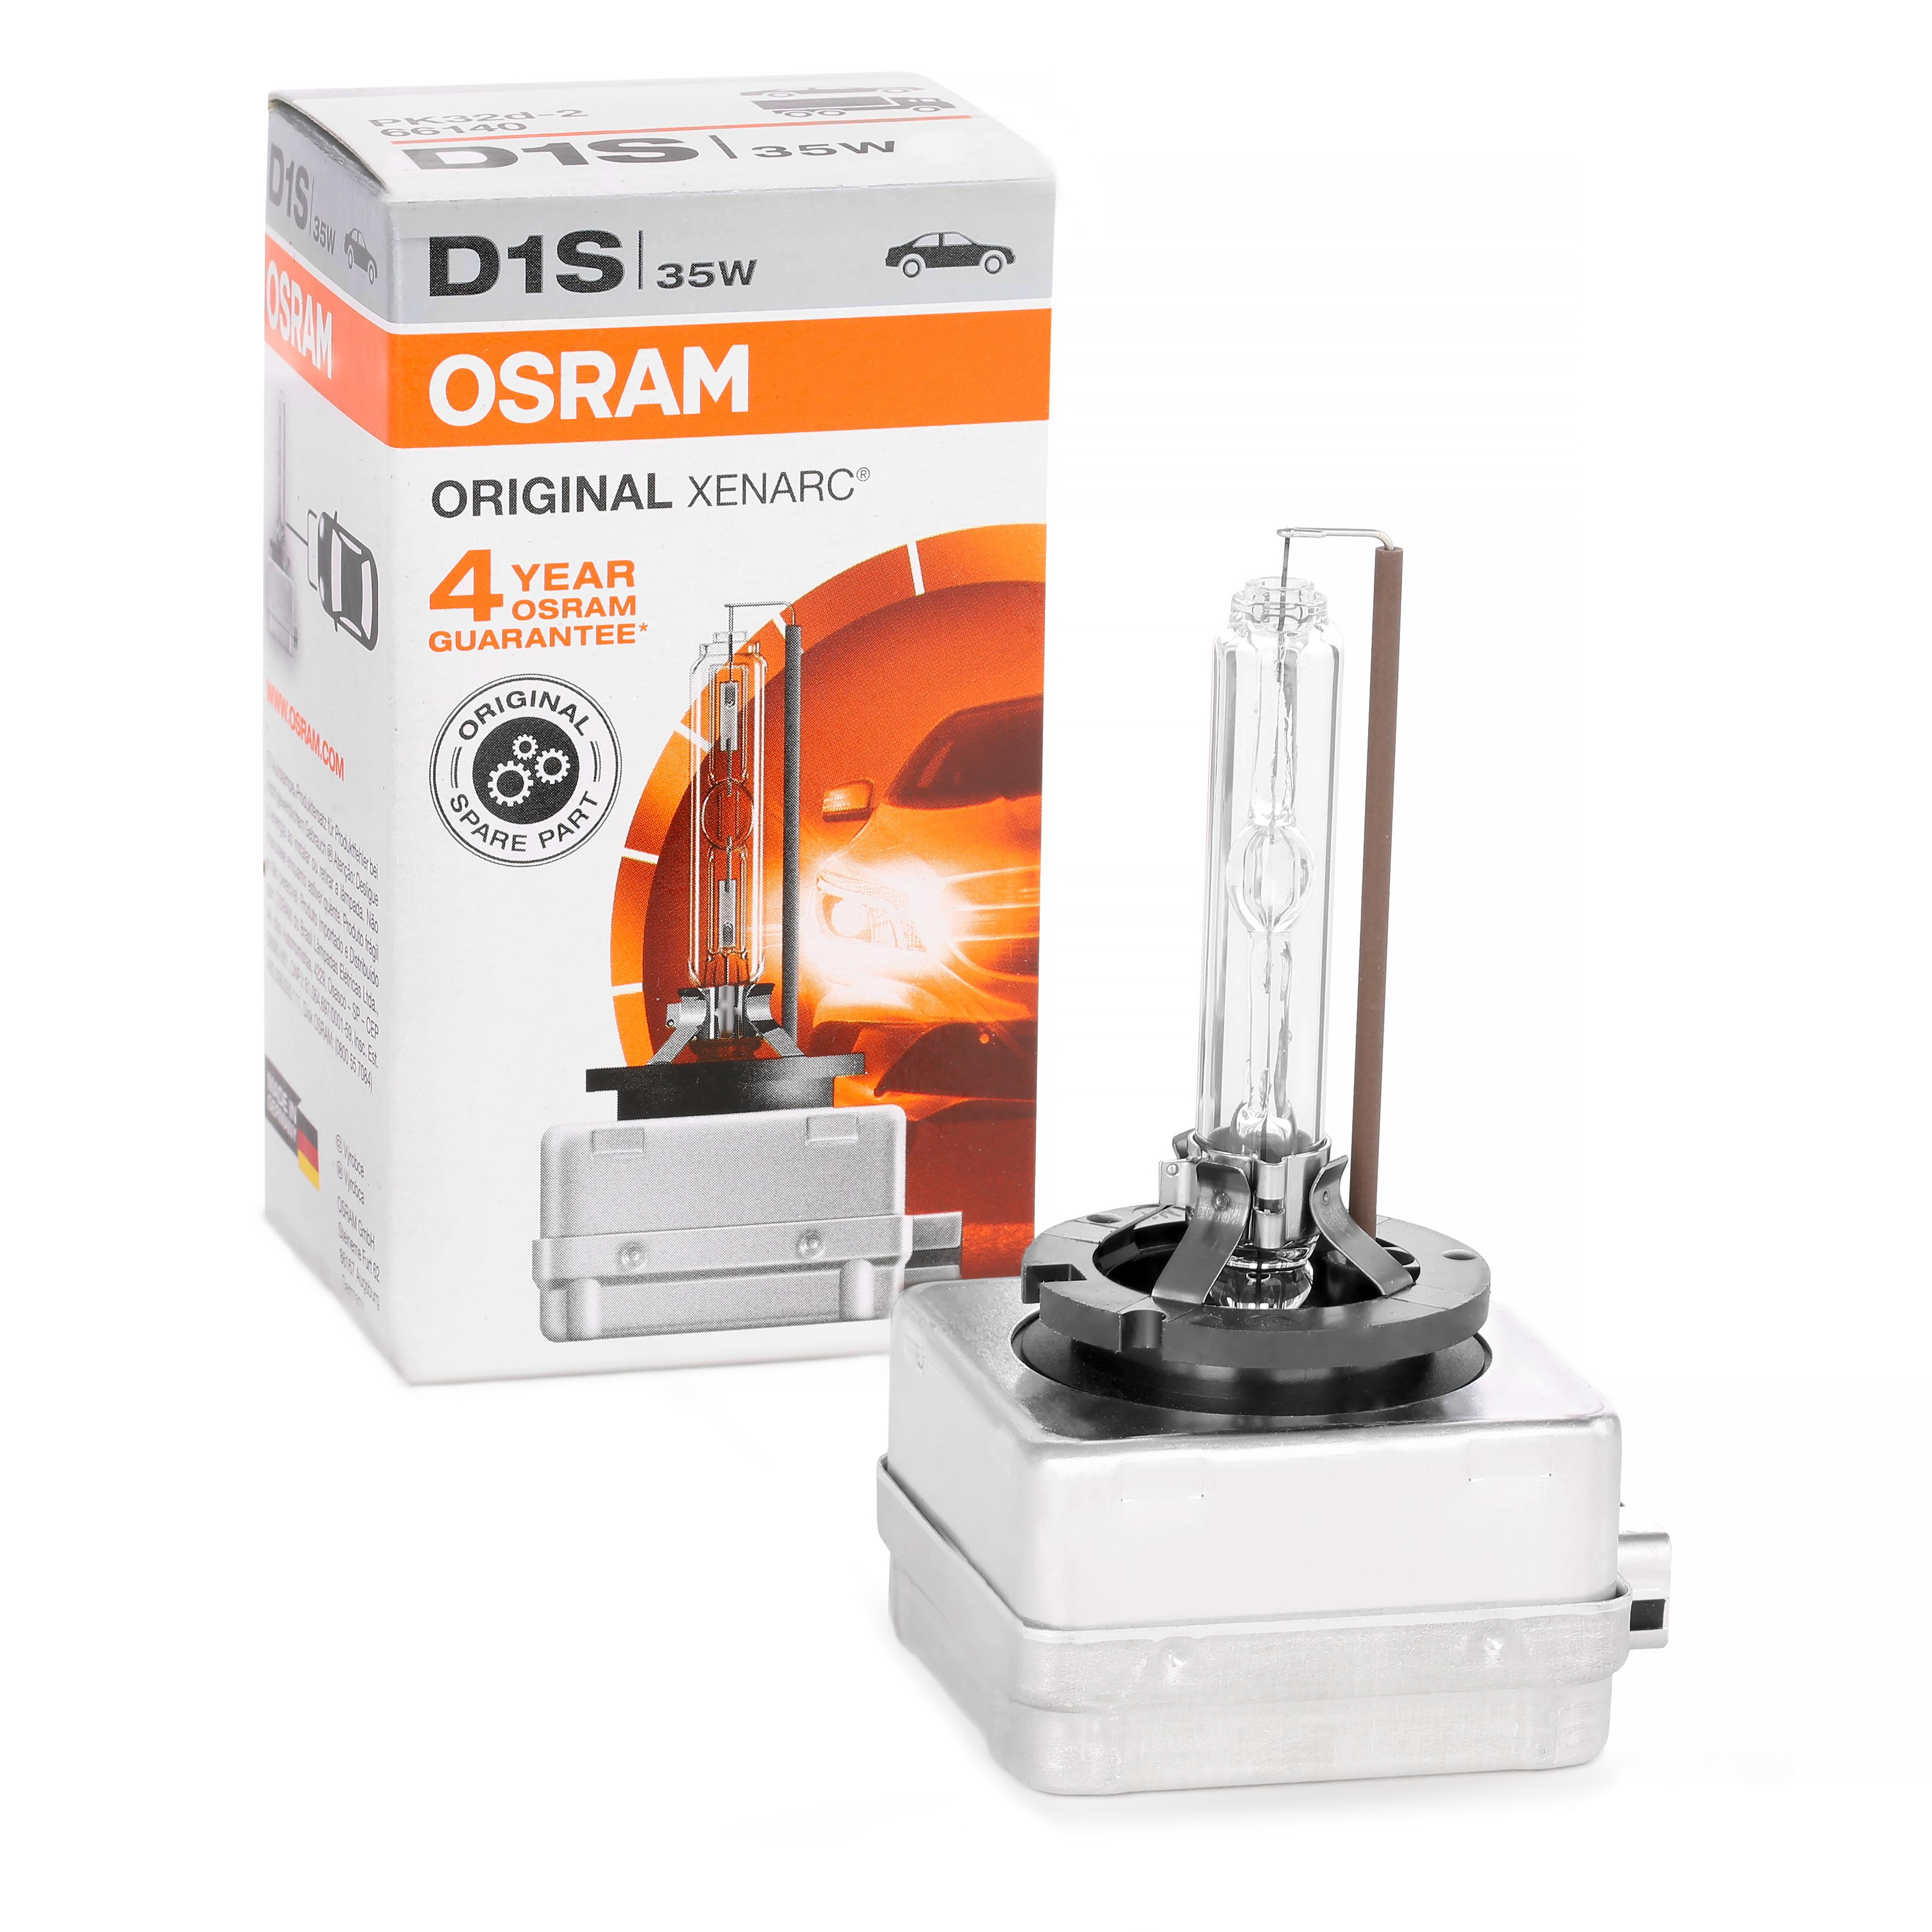 66140 Gloeilamp, verstraler OSRAM - Voordelige producten van merken.